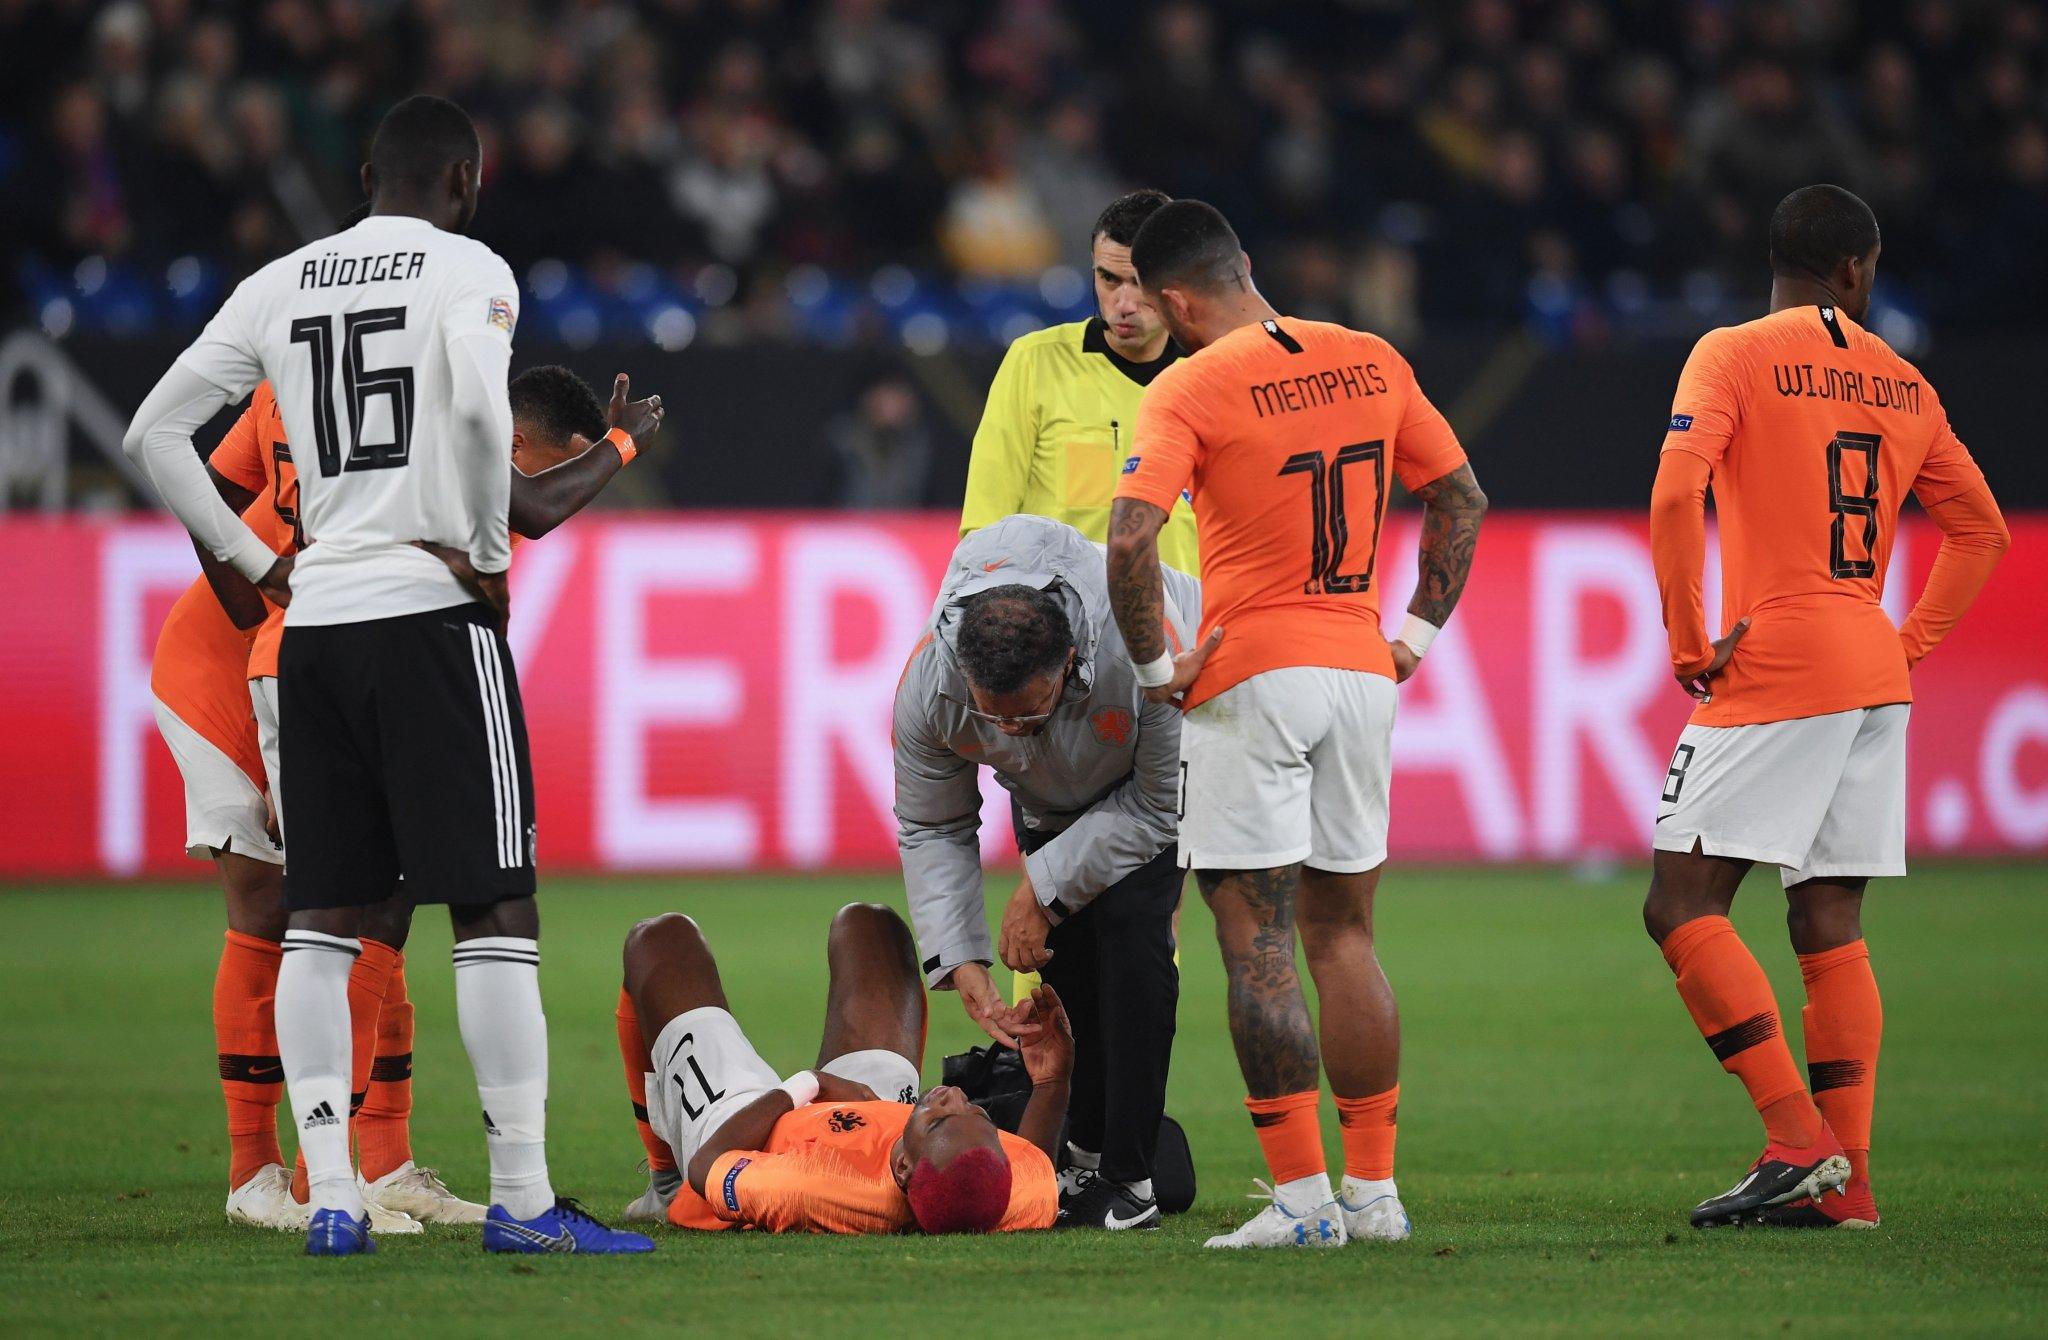 ÖZEL | Beşiktaş'ta sakatların son durumu. Hangi oyuncu, kaç hafta yok?